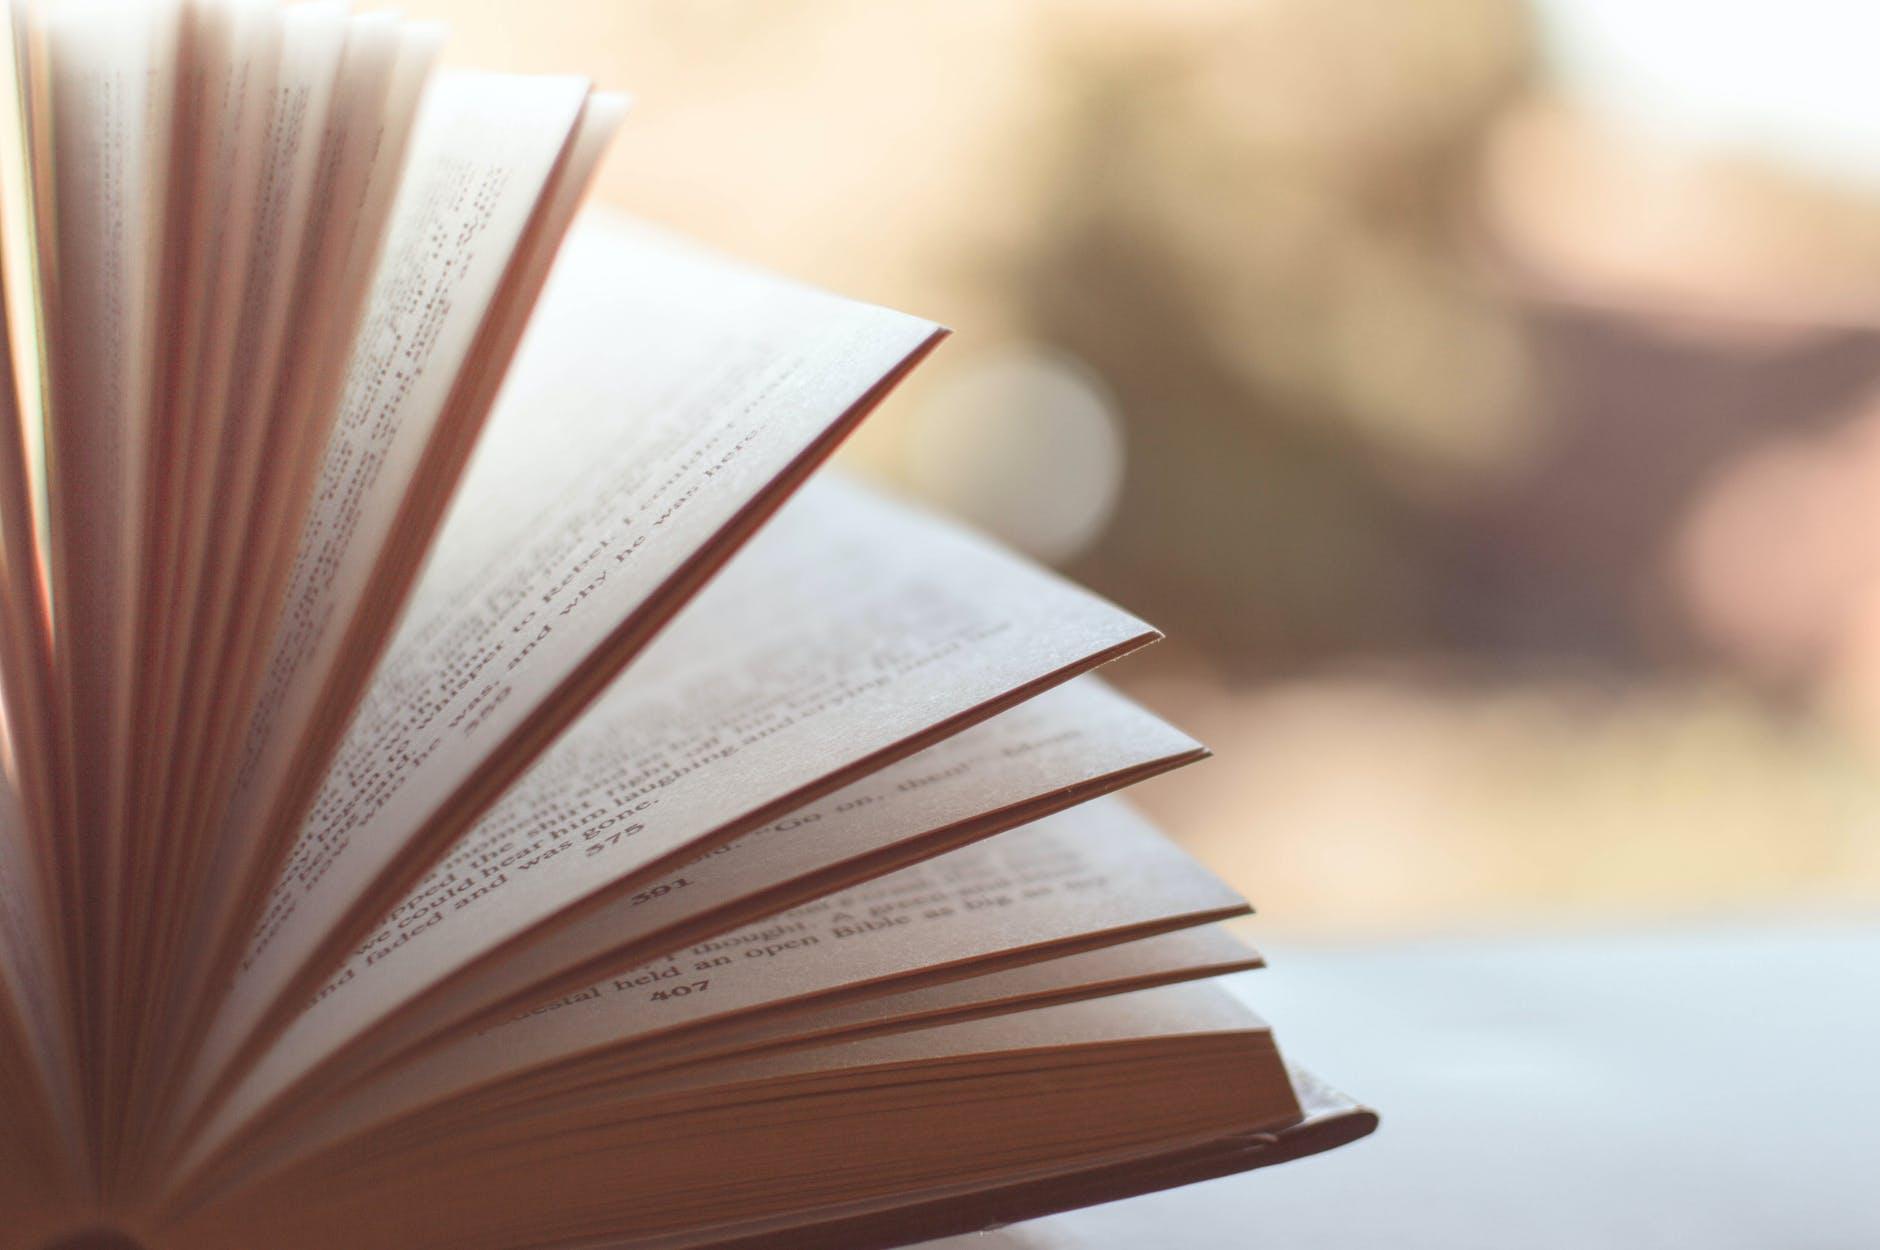 Memahami pengertian kajian pustaka, fungsi, dan cara membuat.